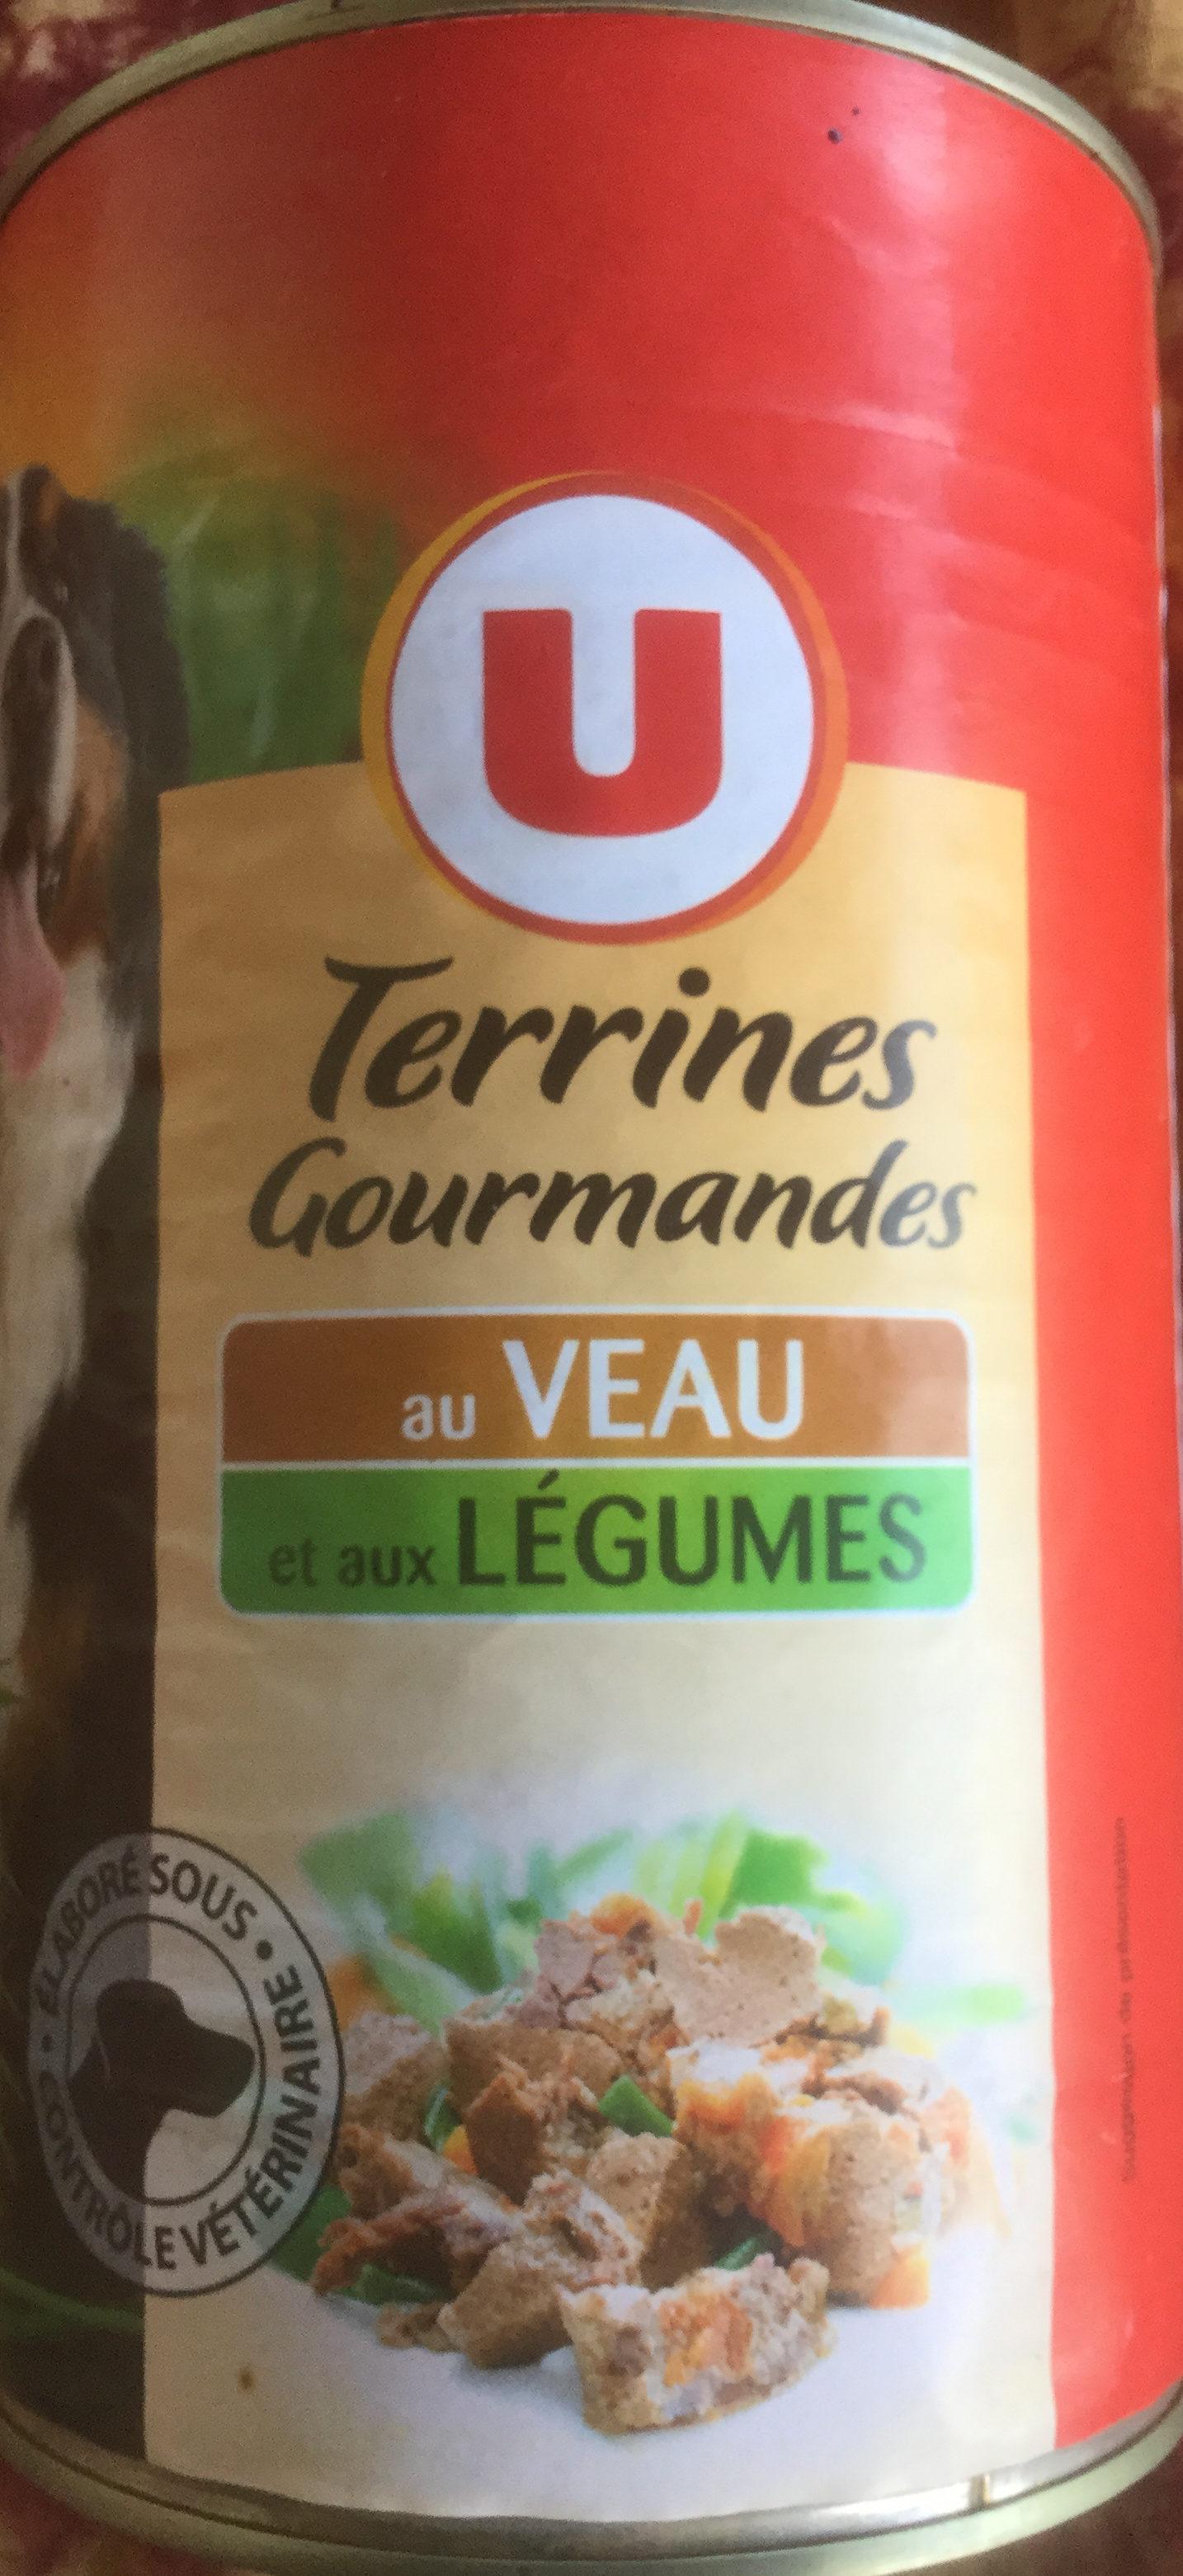 Terrines Gourmandes au Veau et aux légumes - Product - fr